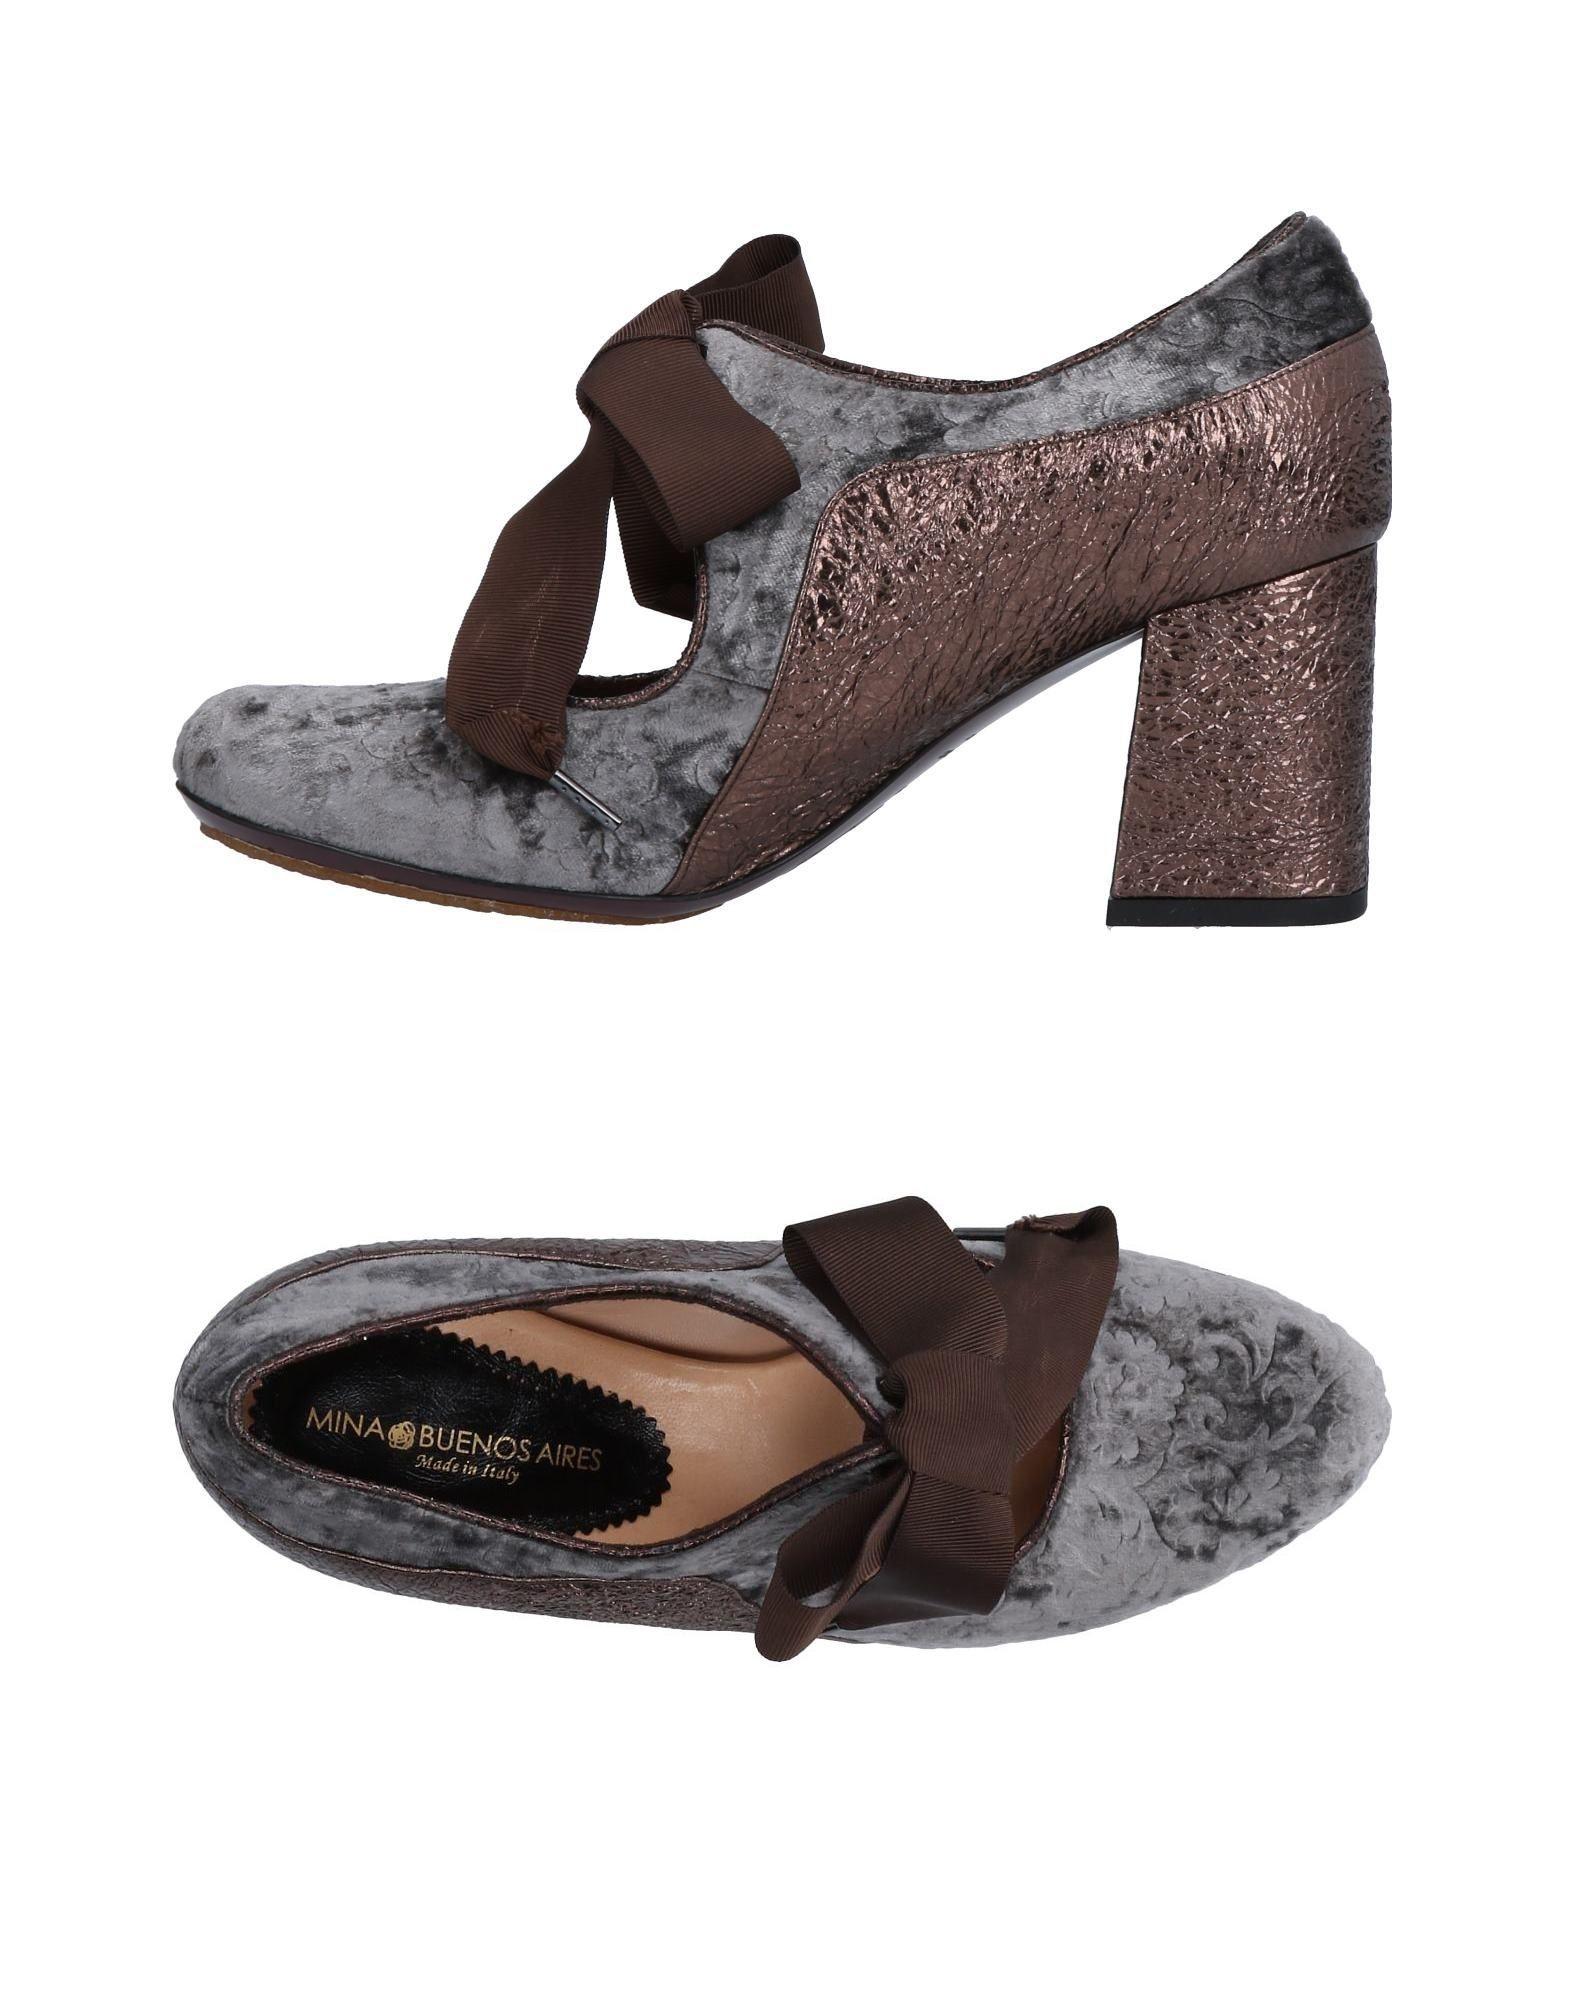 Gran descuento Zapato De Salón Mina Buos Aires Mujer - Plomo Salones Mina Buos Aires  Plomo - fd3b45